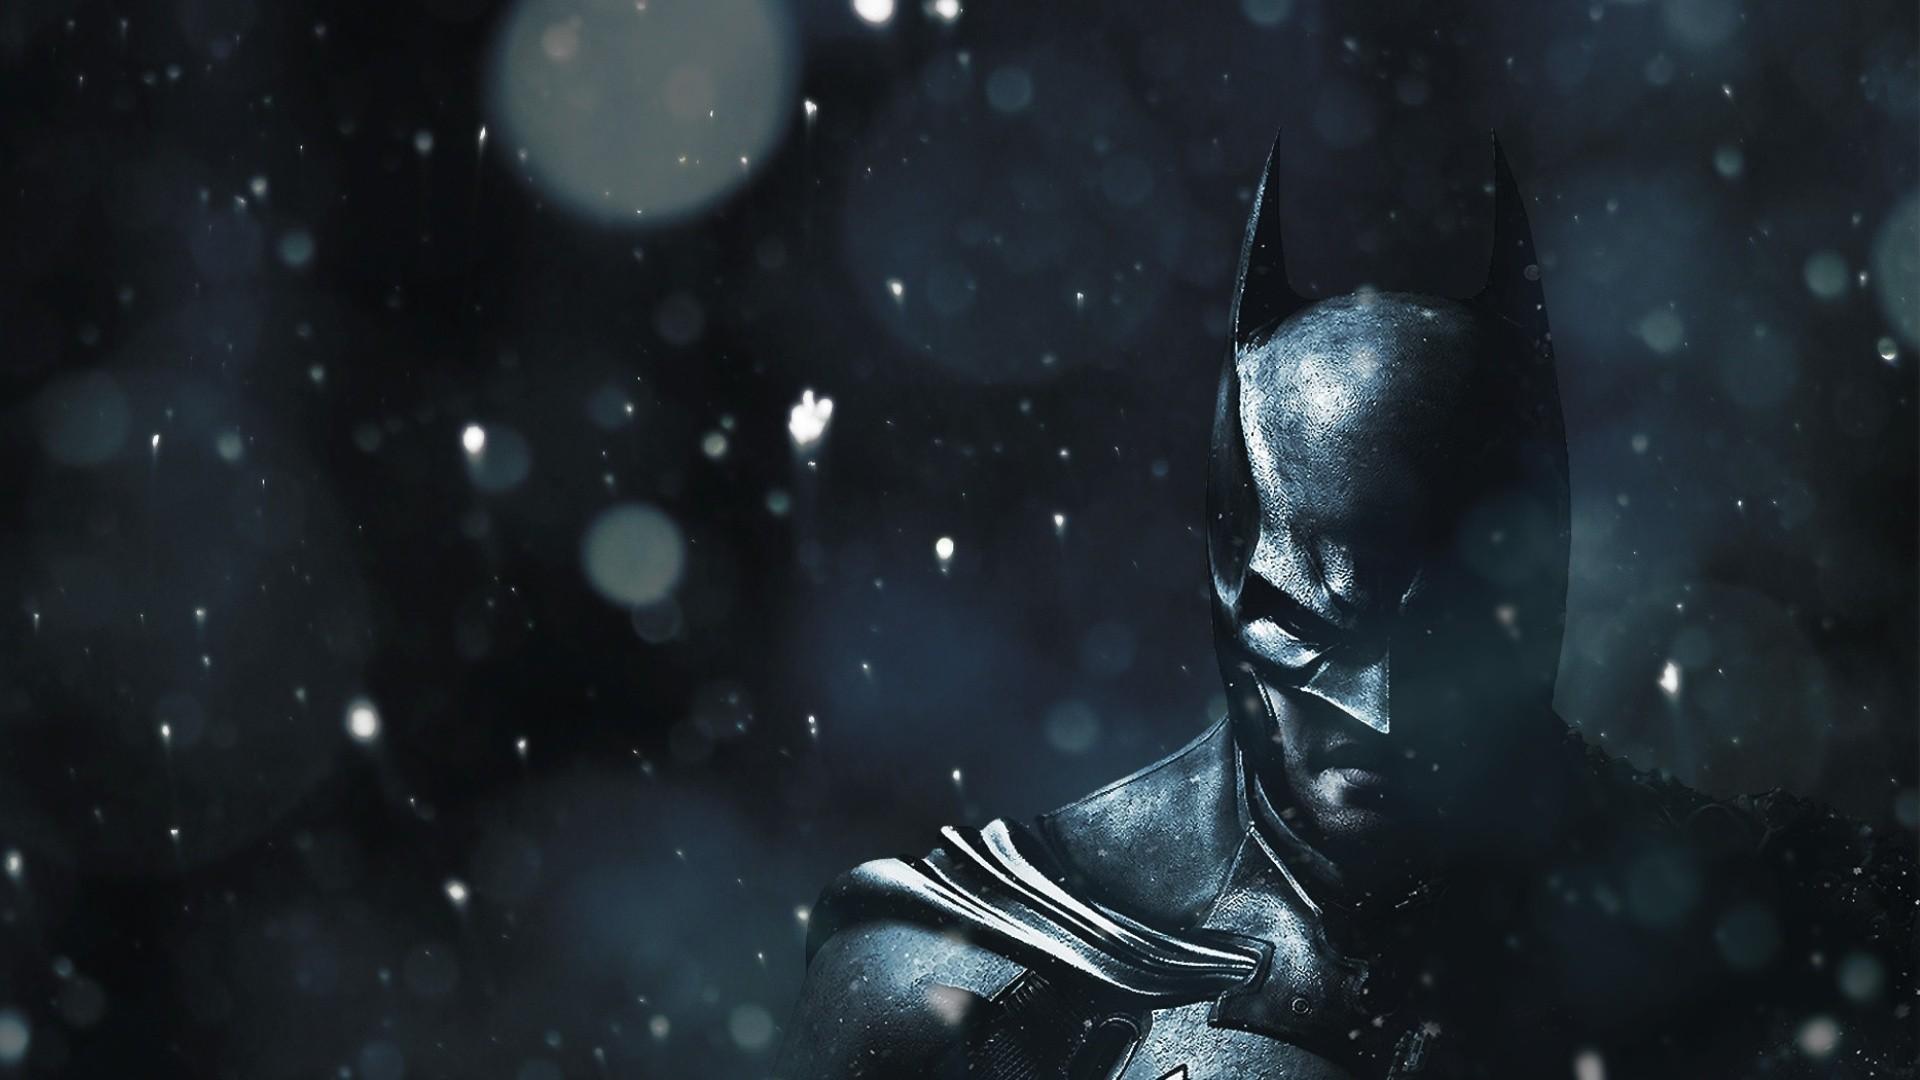 Batman HD Wallpapers Wallpaper 900×506 Batman Arkham Origins Wallpaper (33  Wallpapers)   Adorable Wallpapers   Desktop   Pinterest   Batman arkham  origins …